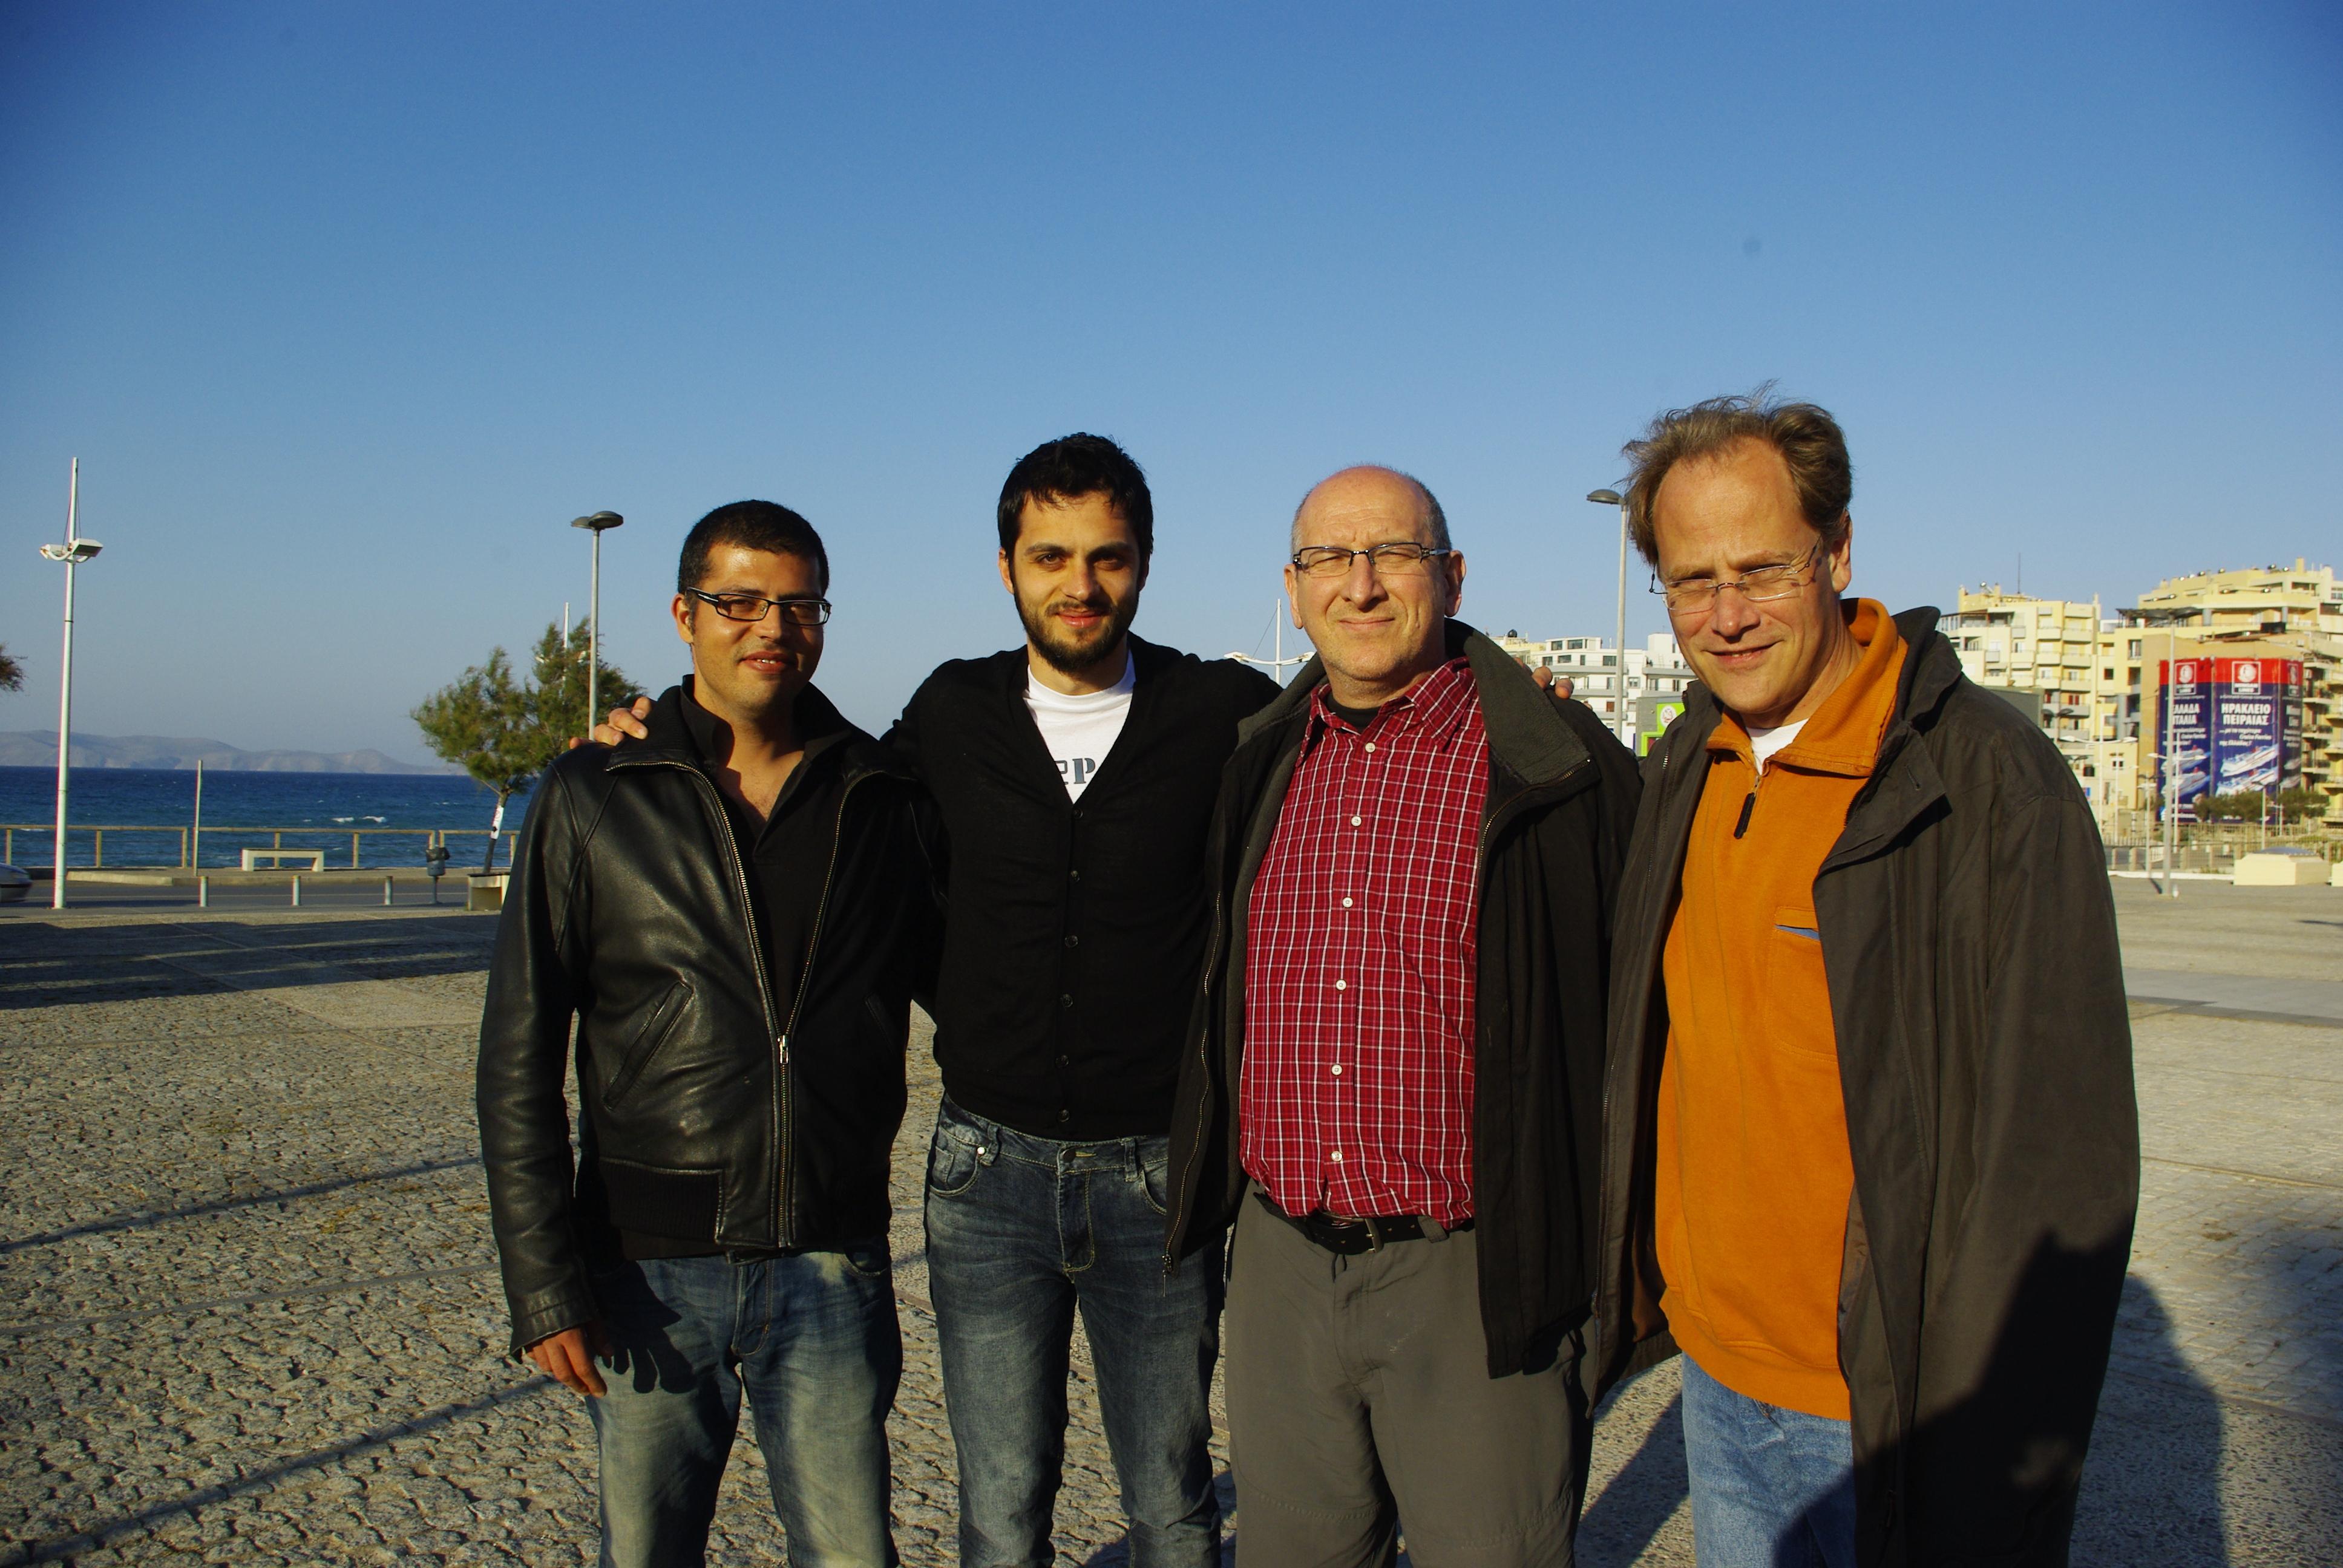 Από αριστερά, Γιώργος Δαφέρμος, Βασίλης Κωστάκης, Michel Bauwens και Γιώργος Παπανικολάου κατα τη διάρκεια του 1ου Φεστιβάλ των Κοινών το 2013 στο Ηράκλειο